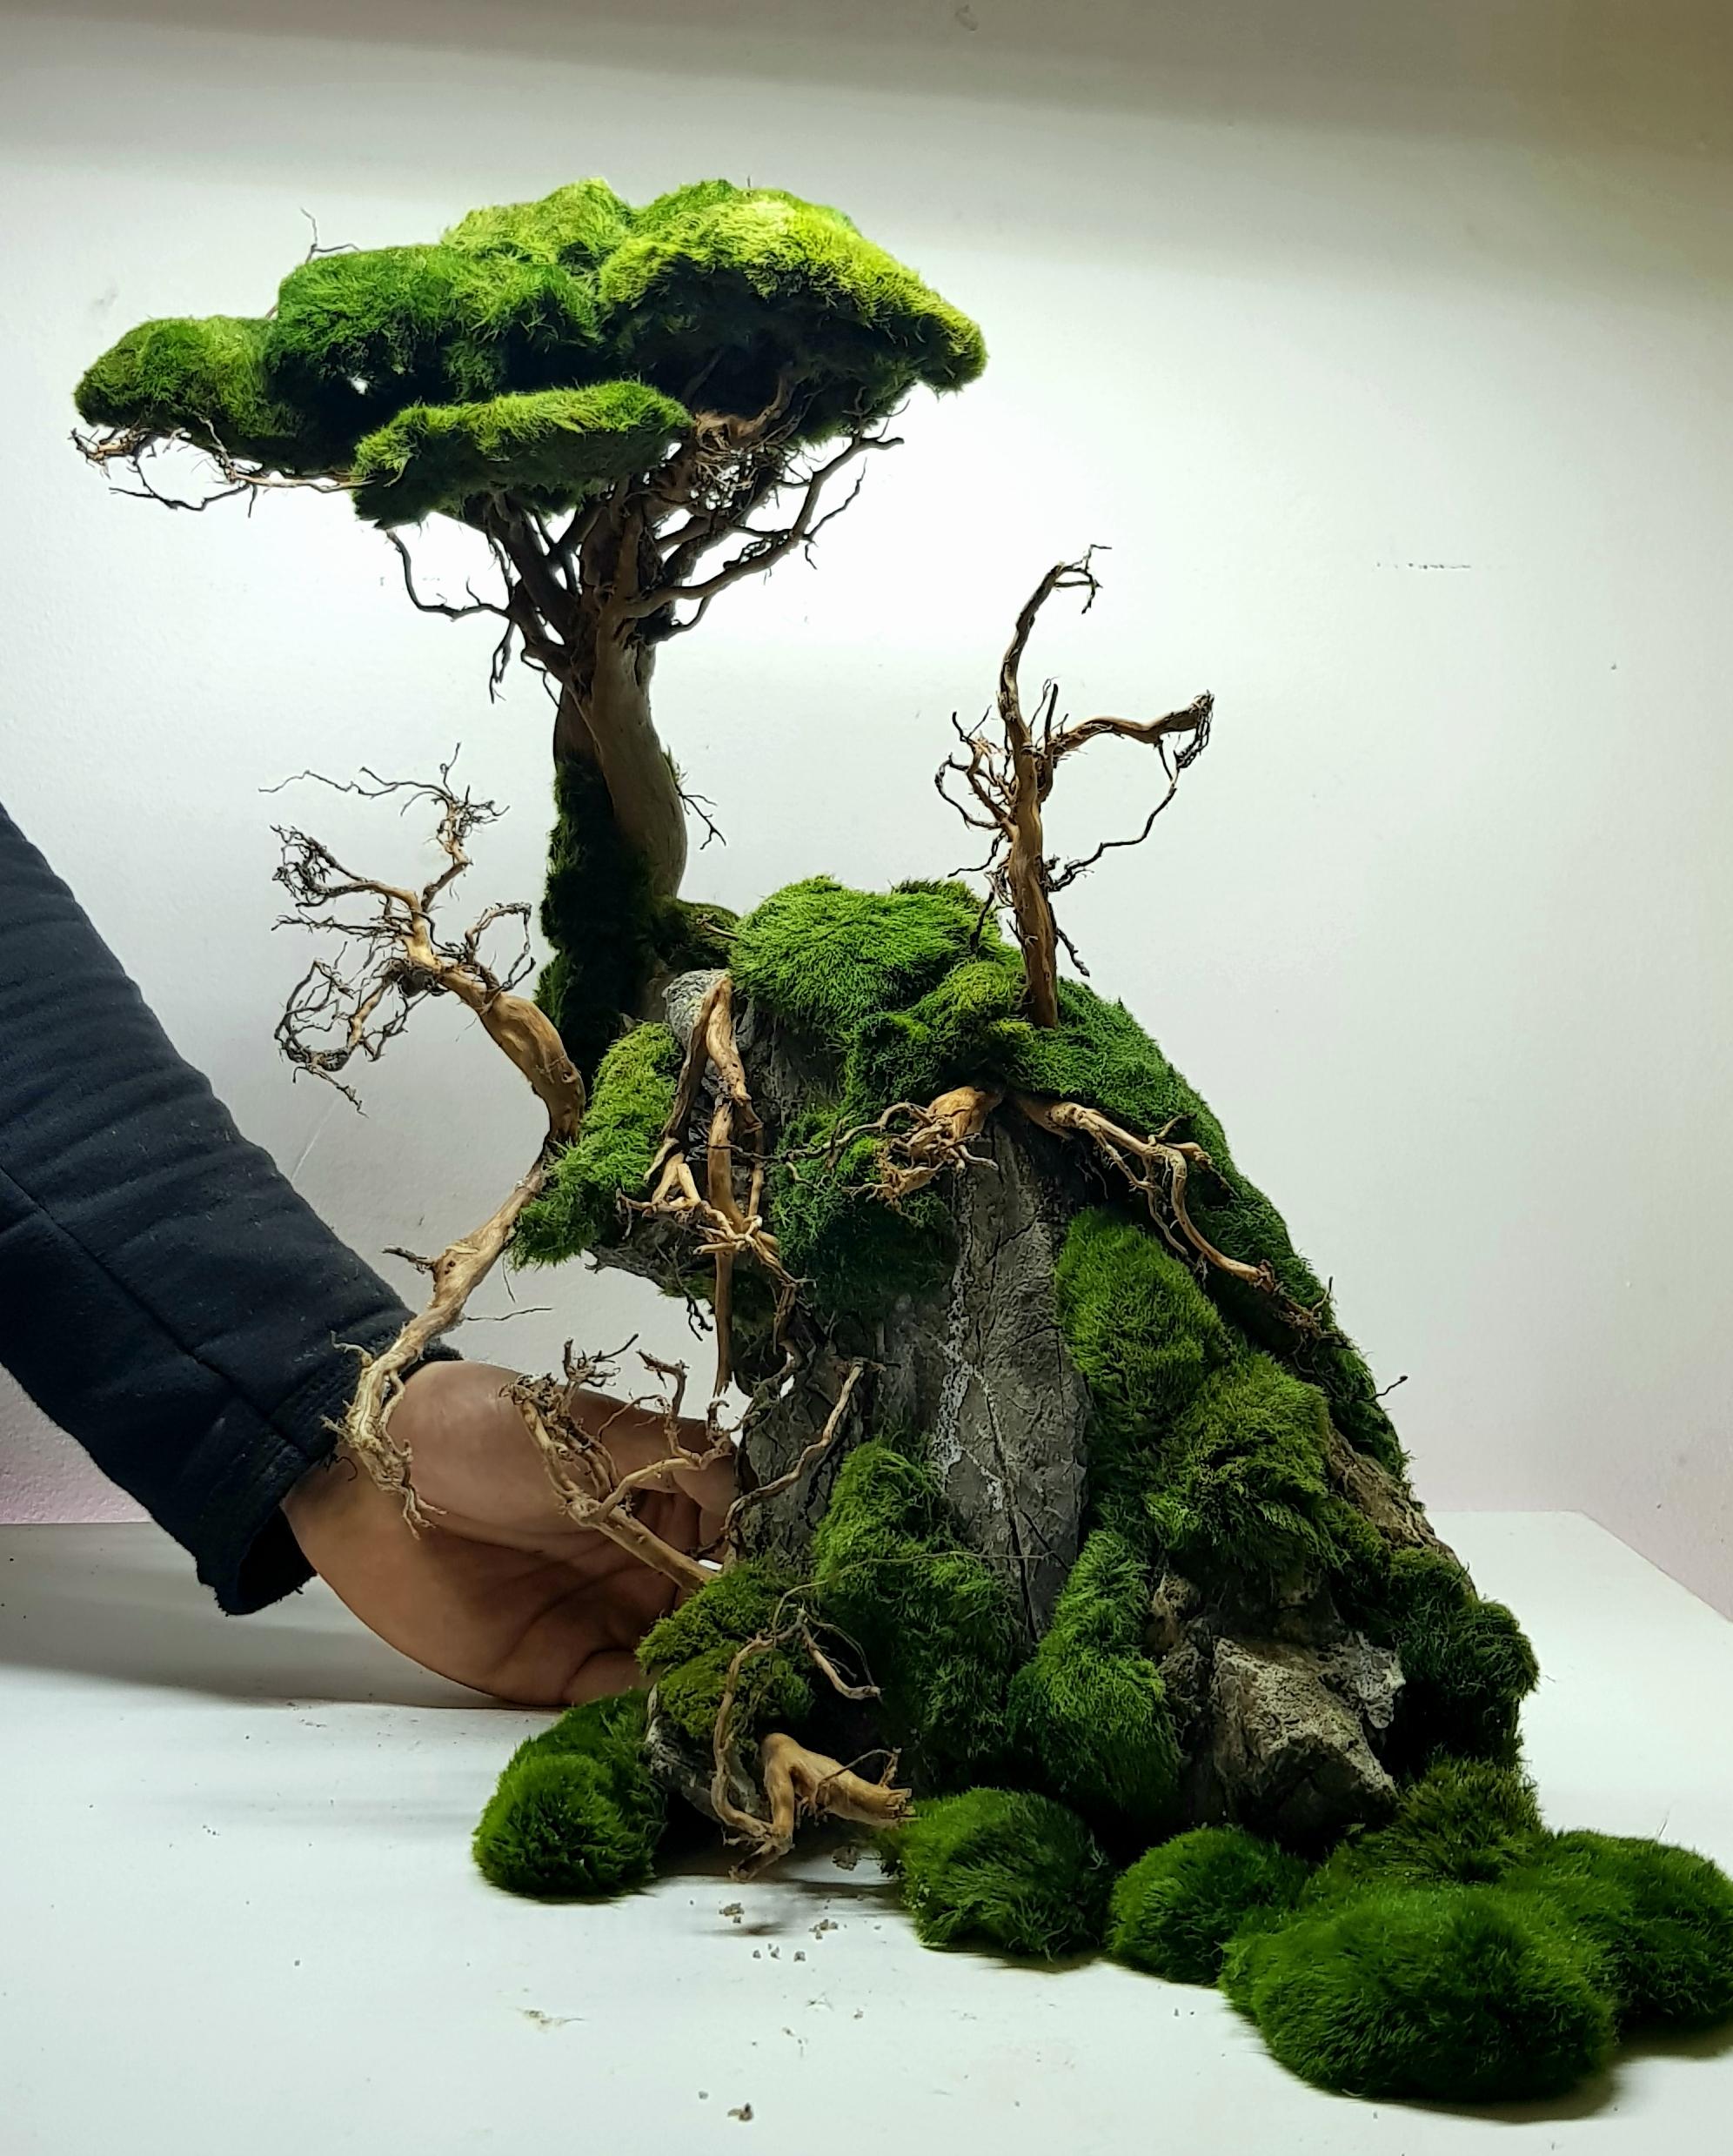 Korzenie do akwarium - drzewko